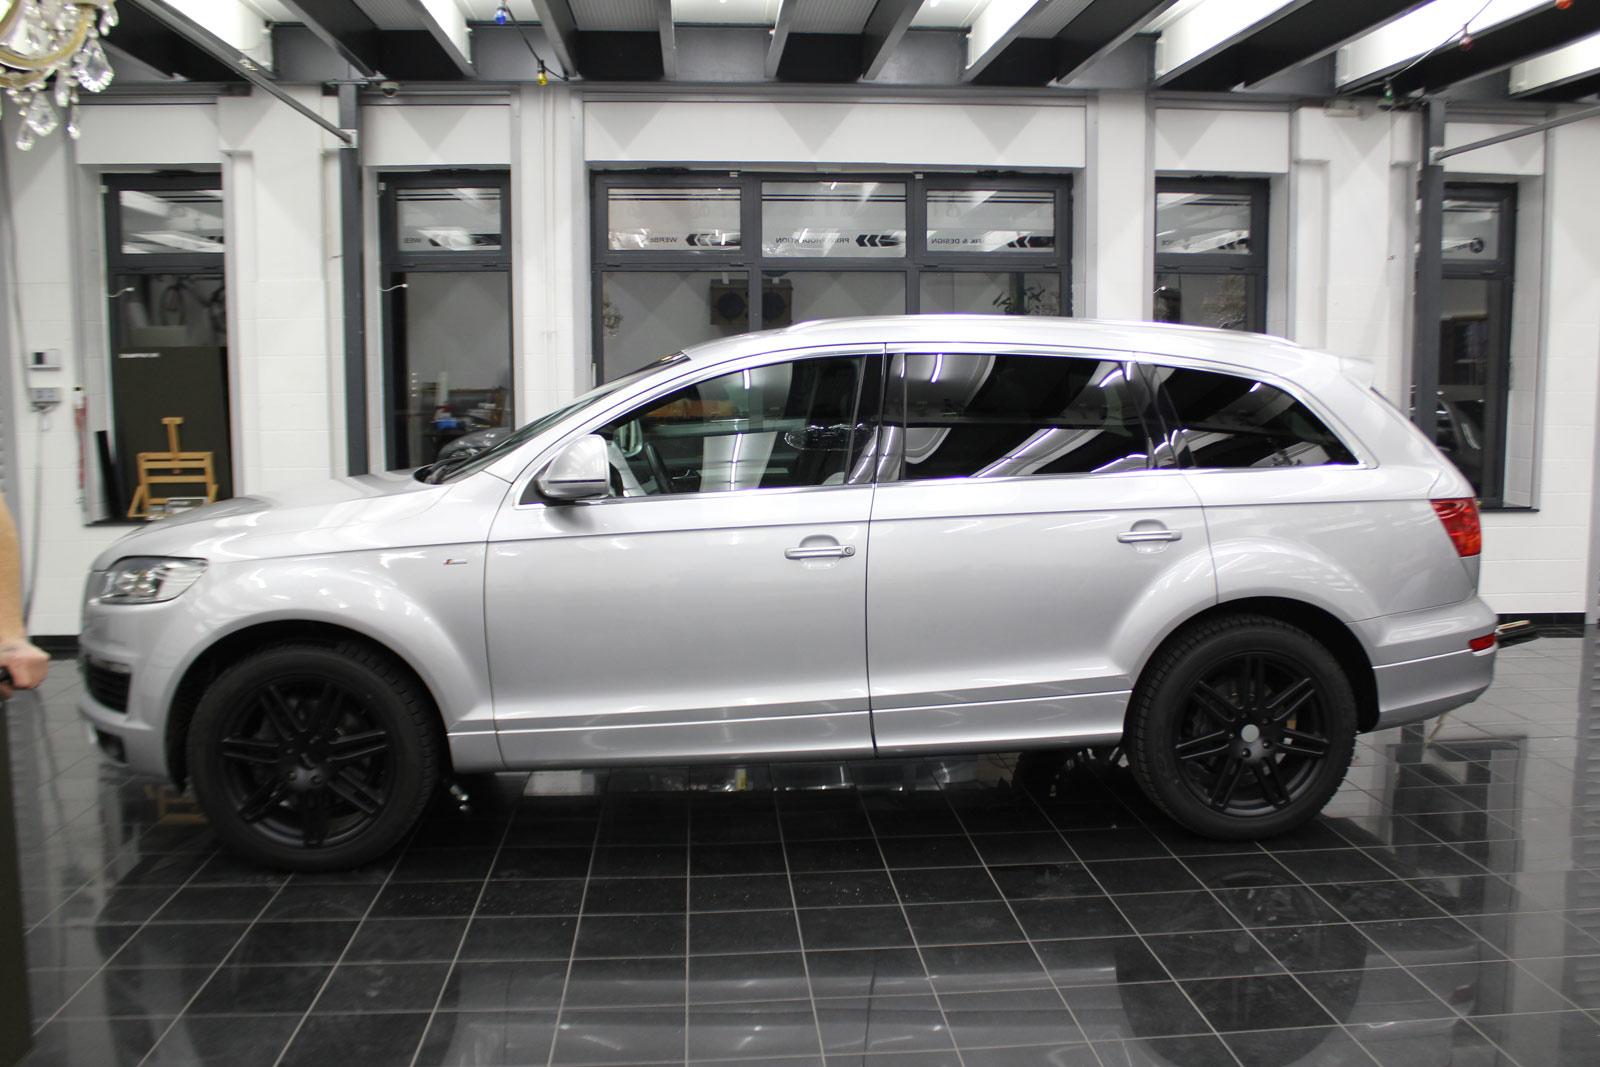 Audi_Q7_Folierung_Schwarz_Matt_14